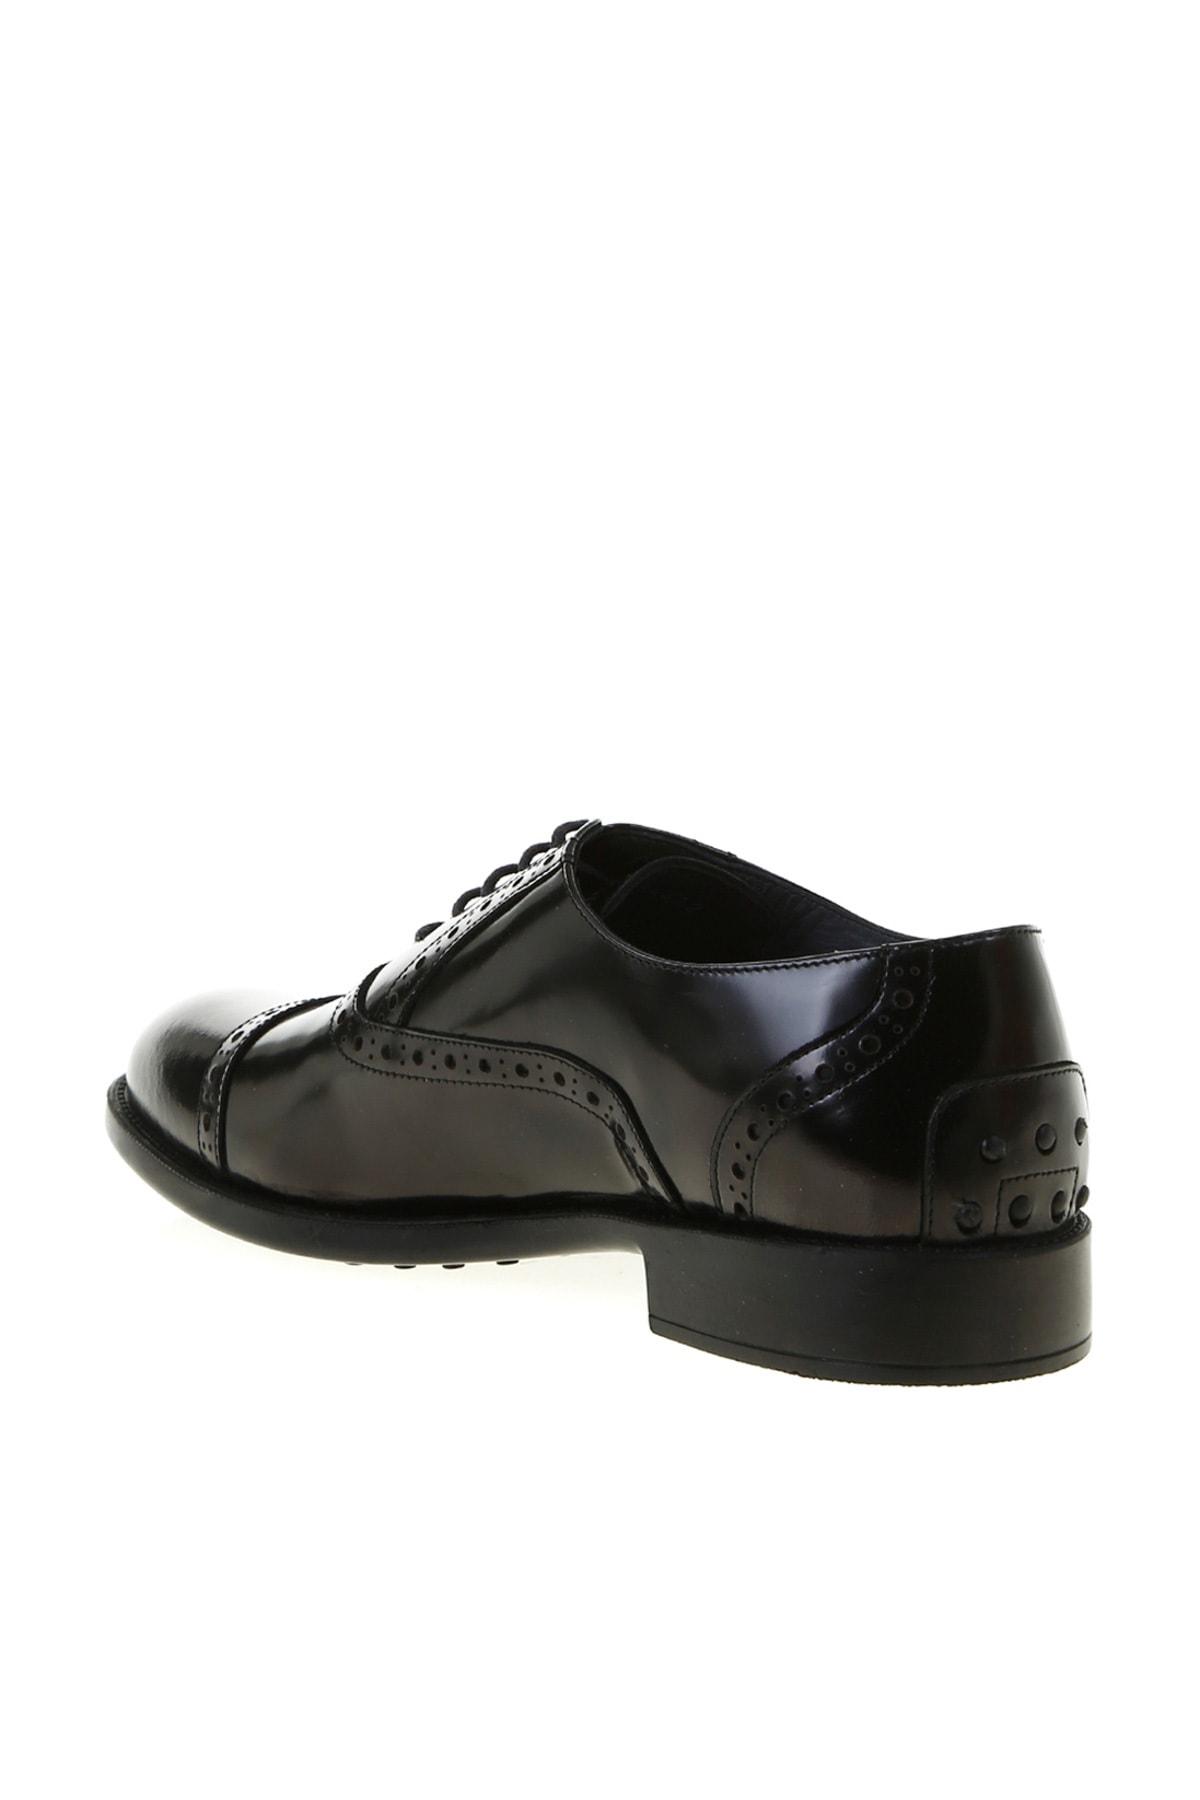 Hush Puppies Klasik Ayakkabı 2